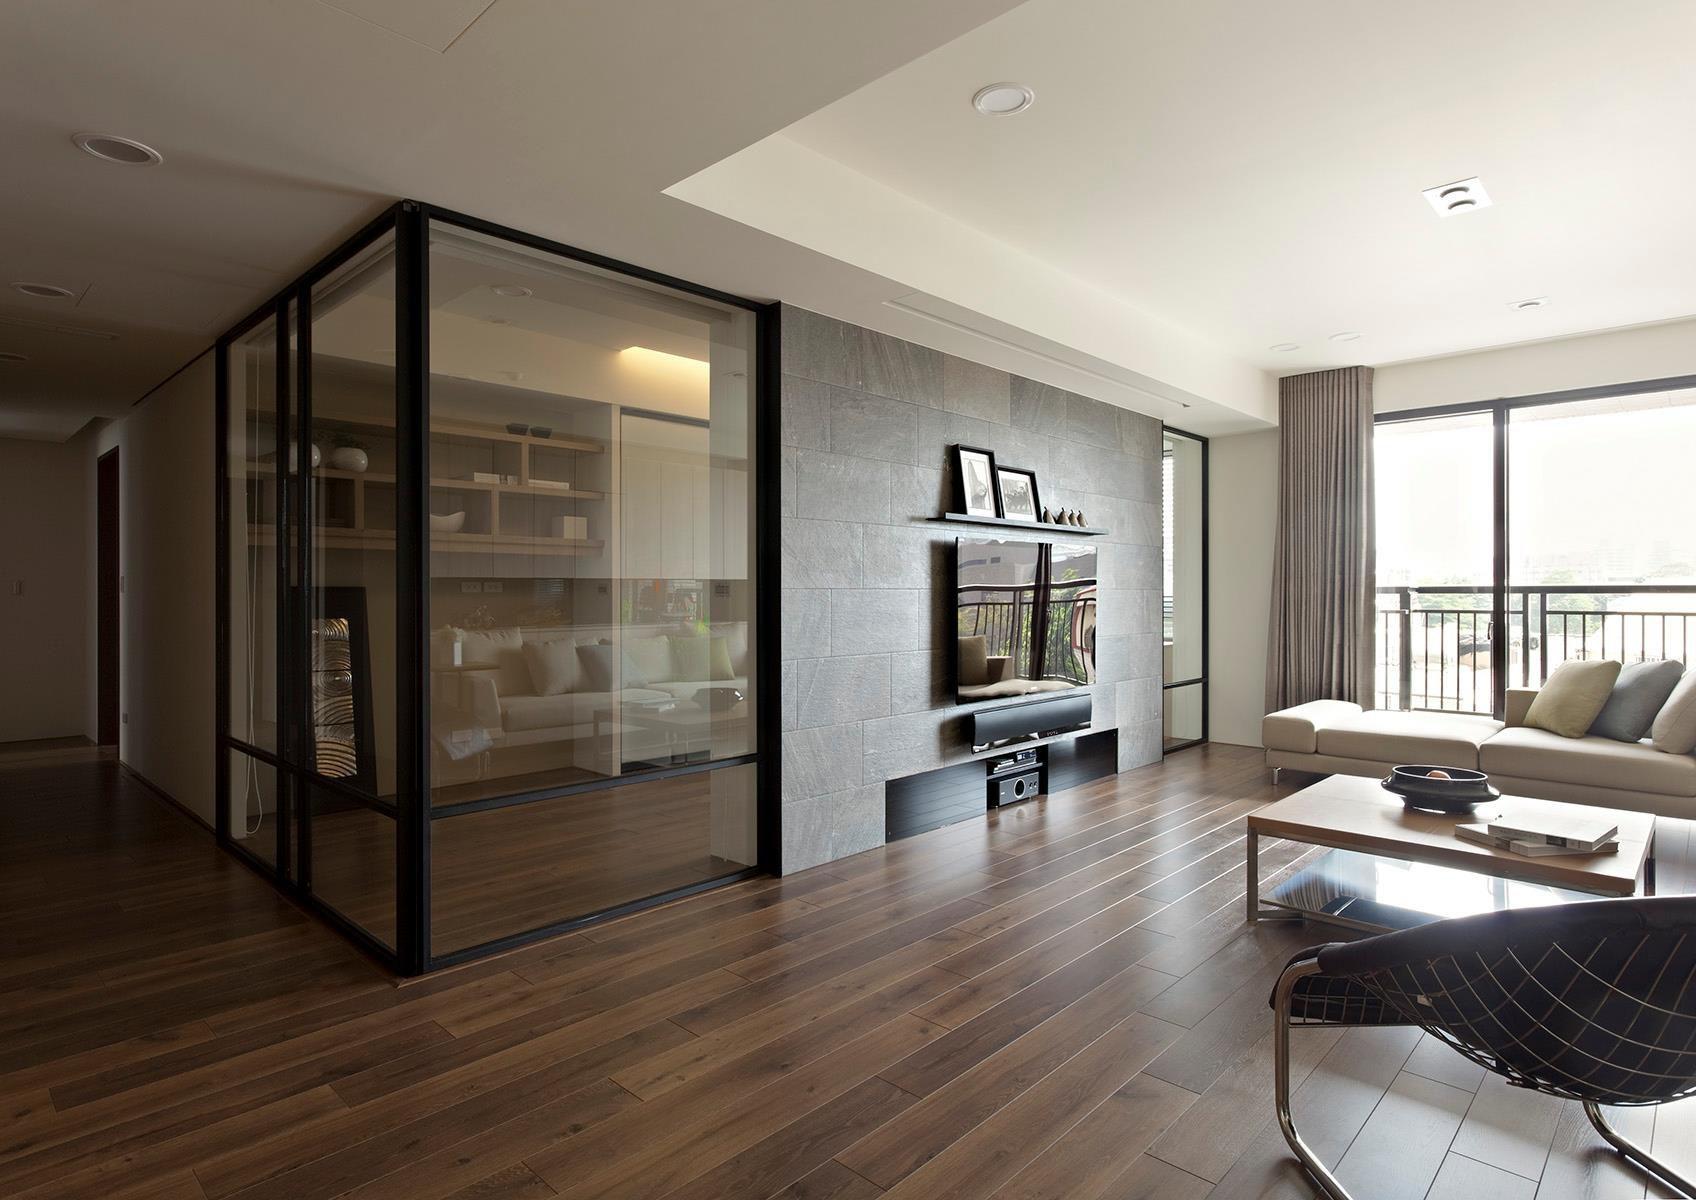 Аппартаменты на международной стоит ли покупать недвижимость за рубежом